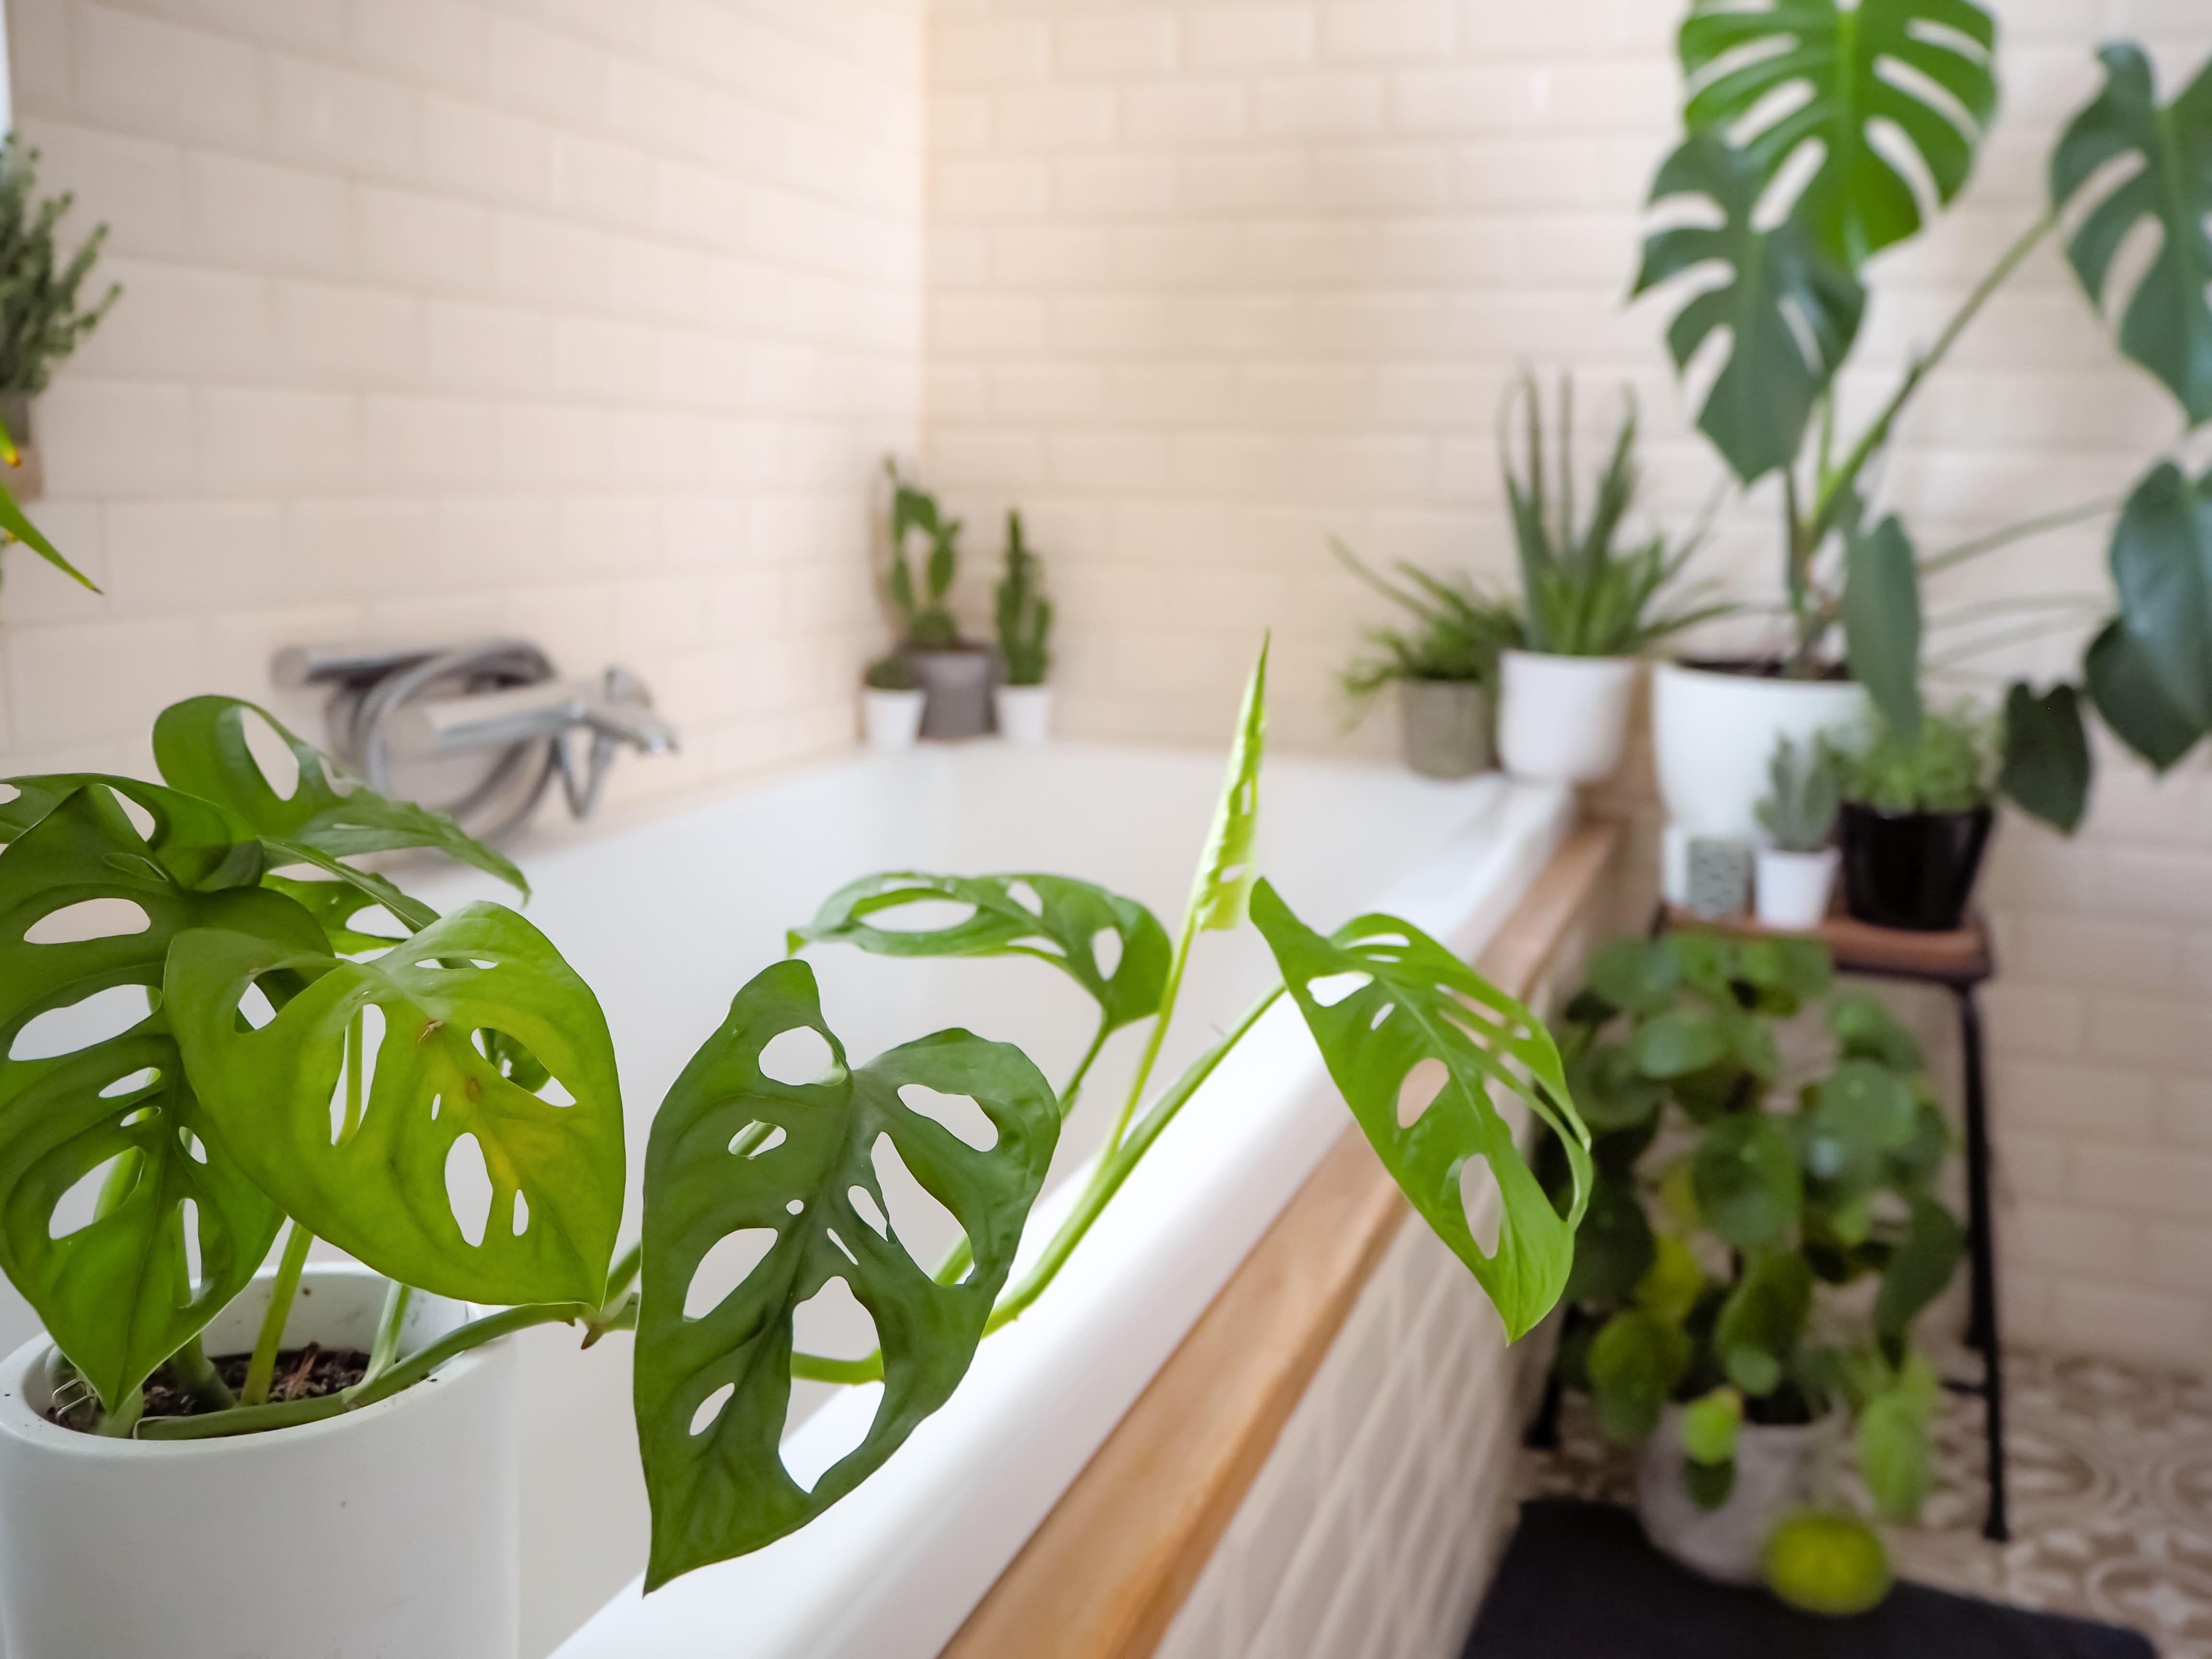 Accessori Bagno Da Appendere arredo bagno: bagno in stile urban jungle, dalle piante ai